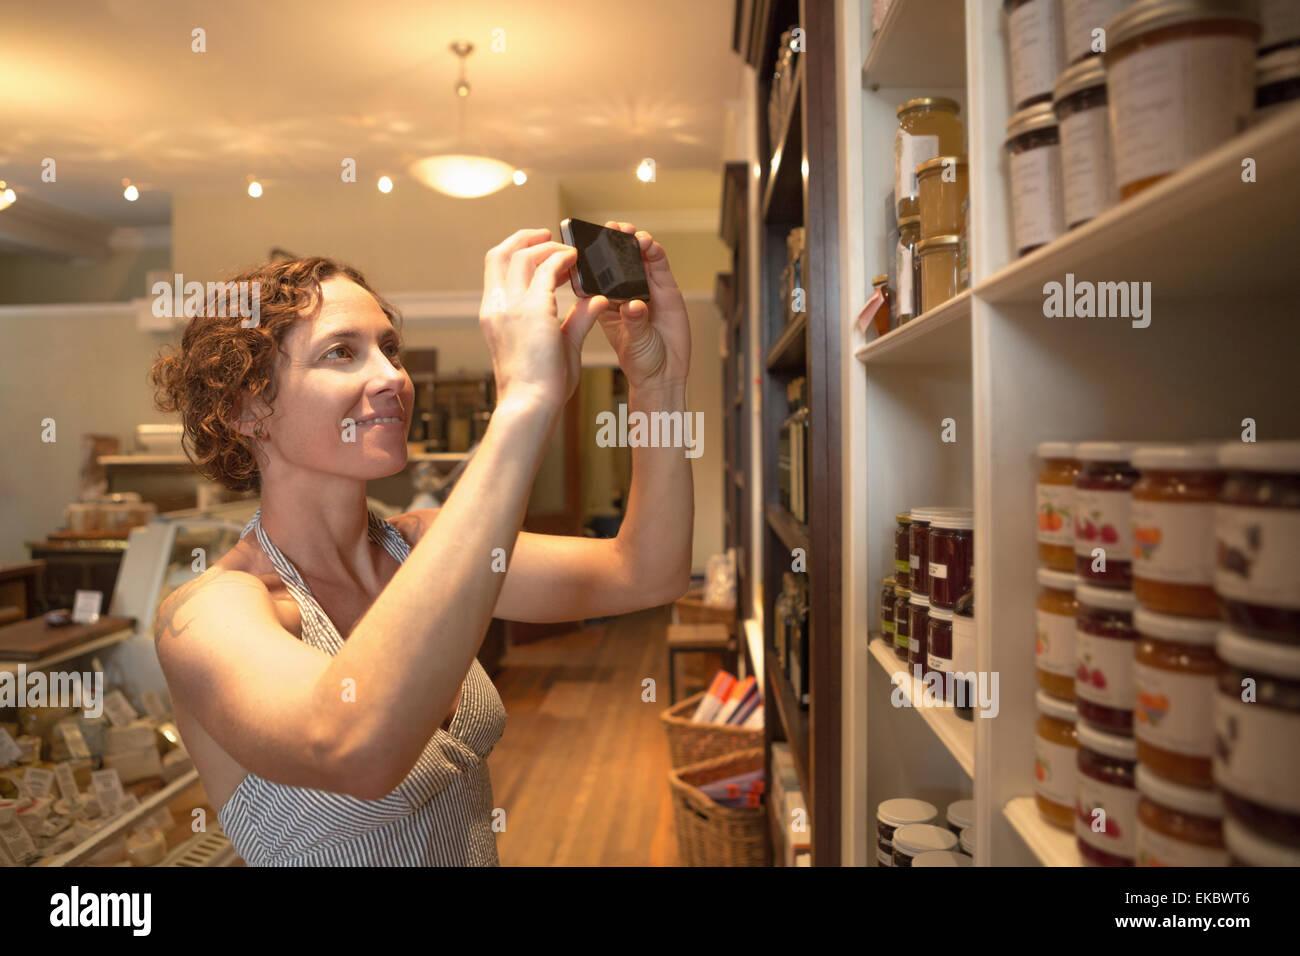 Young woman photographing conserve sur smartphone dans l'épicerie bio Photo Stock